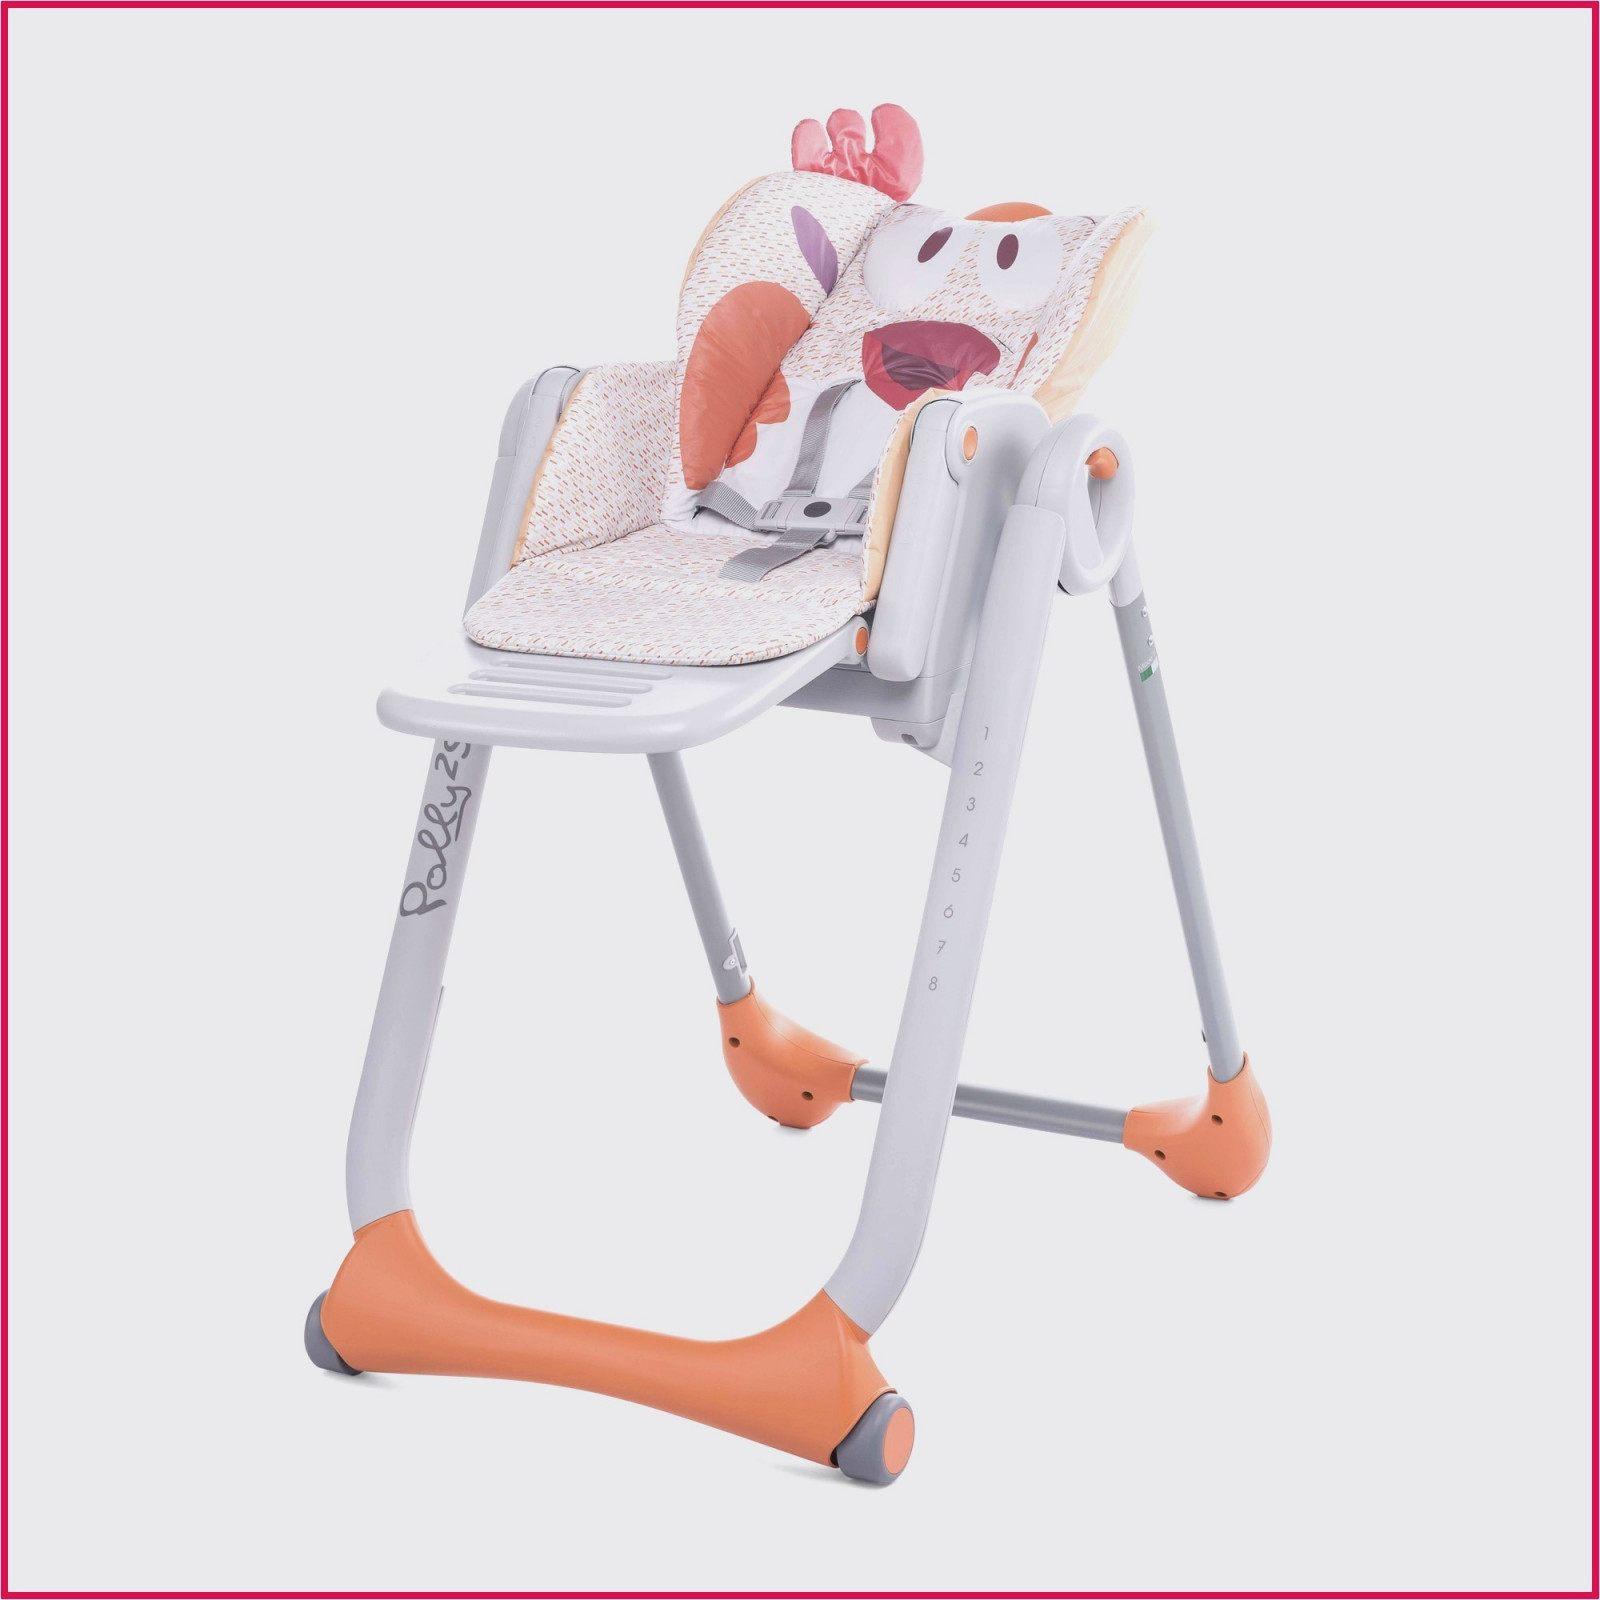 Lit Bébé Stokke De Luxe Petite Baignoire Bébé Minimaliste Chaise Bébé Stokke Applique Murale